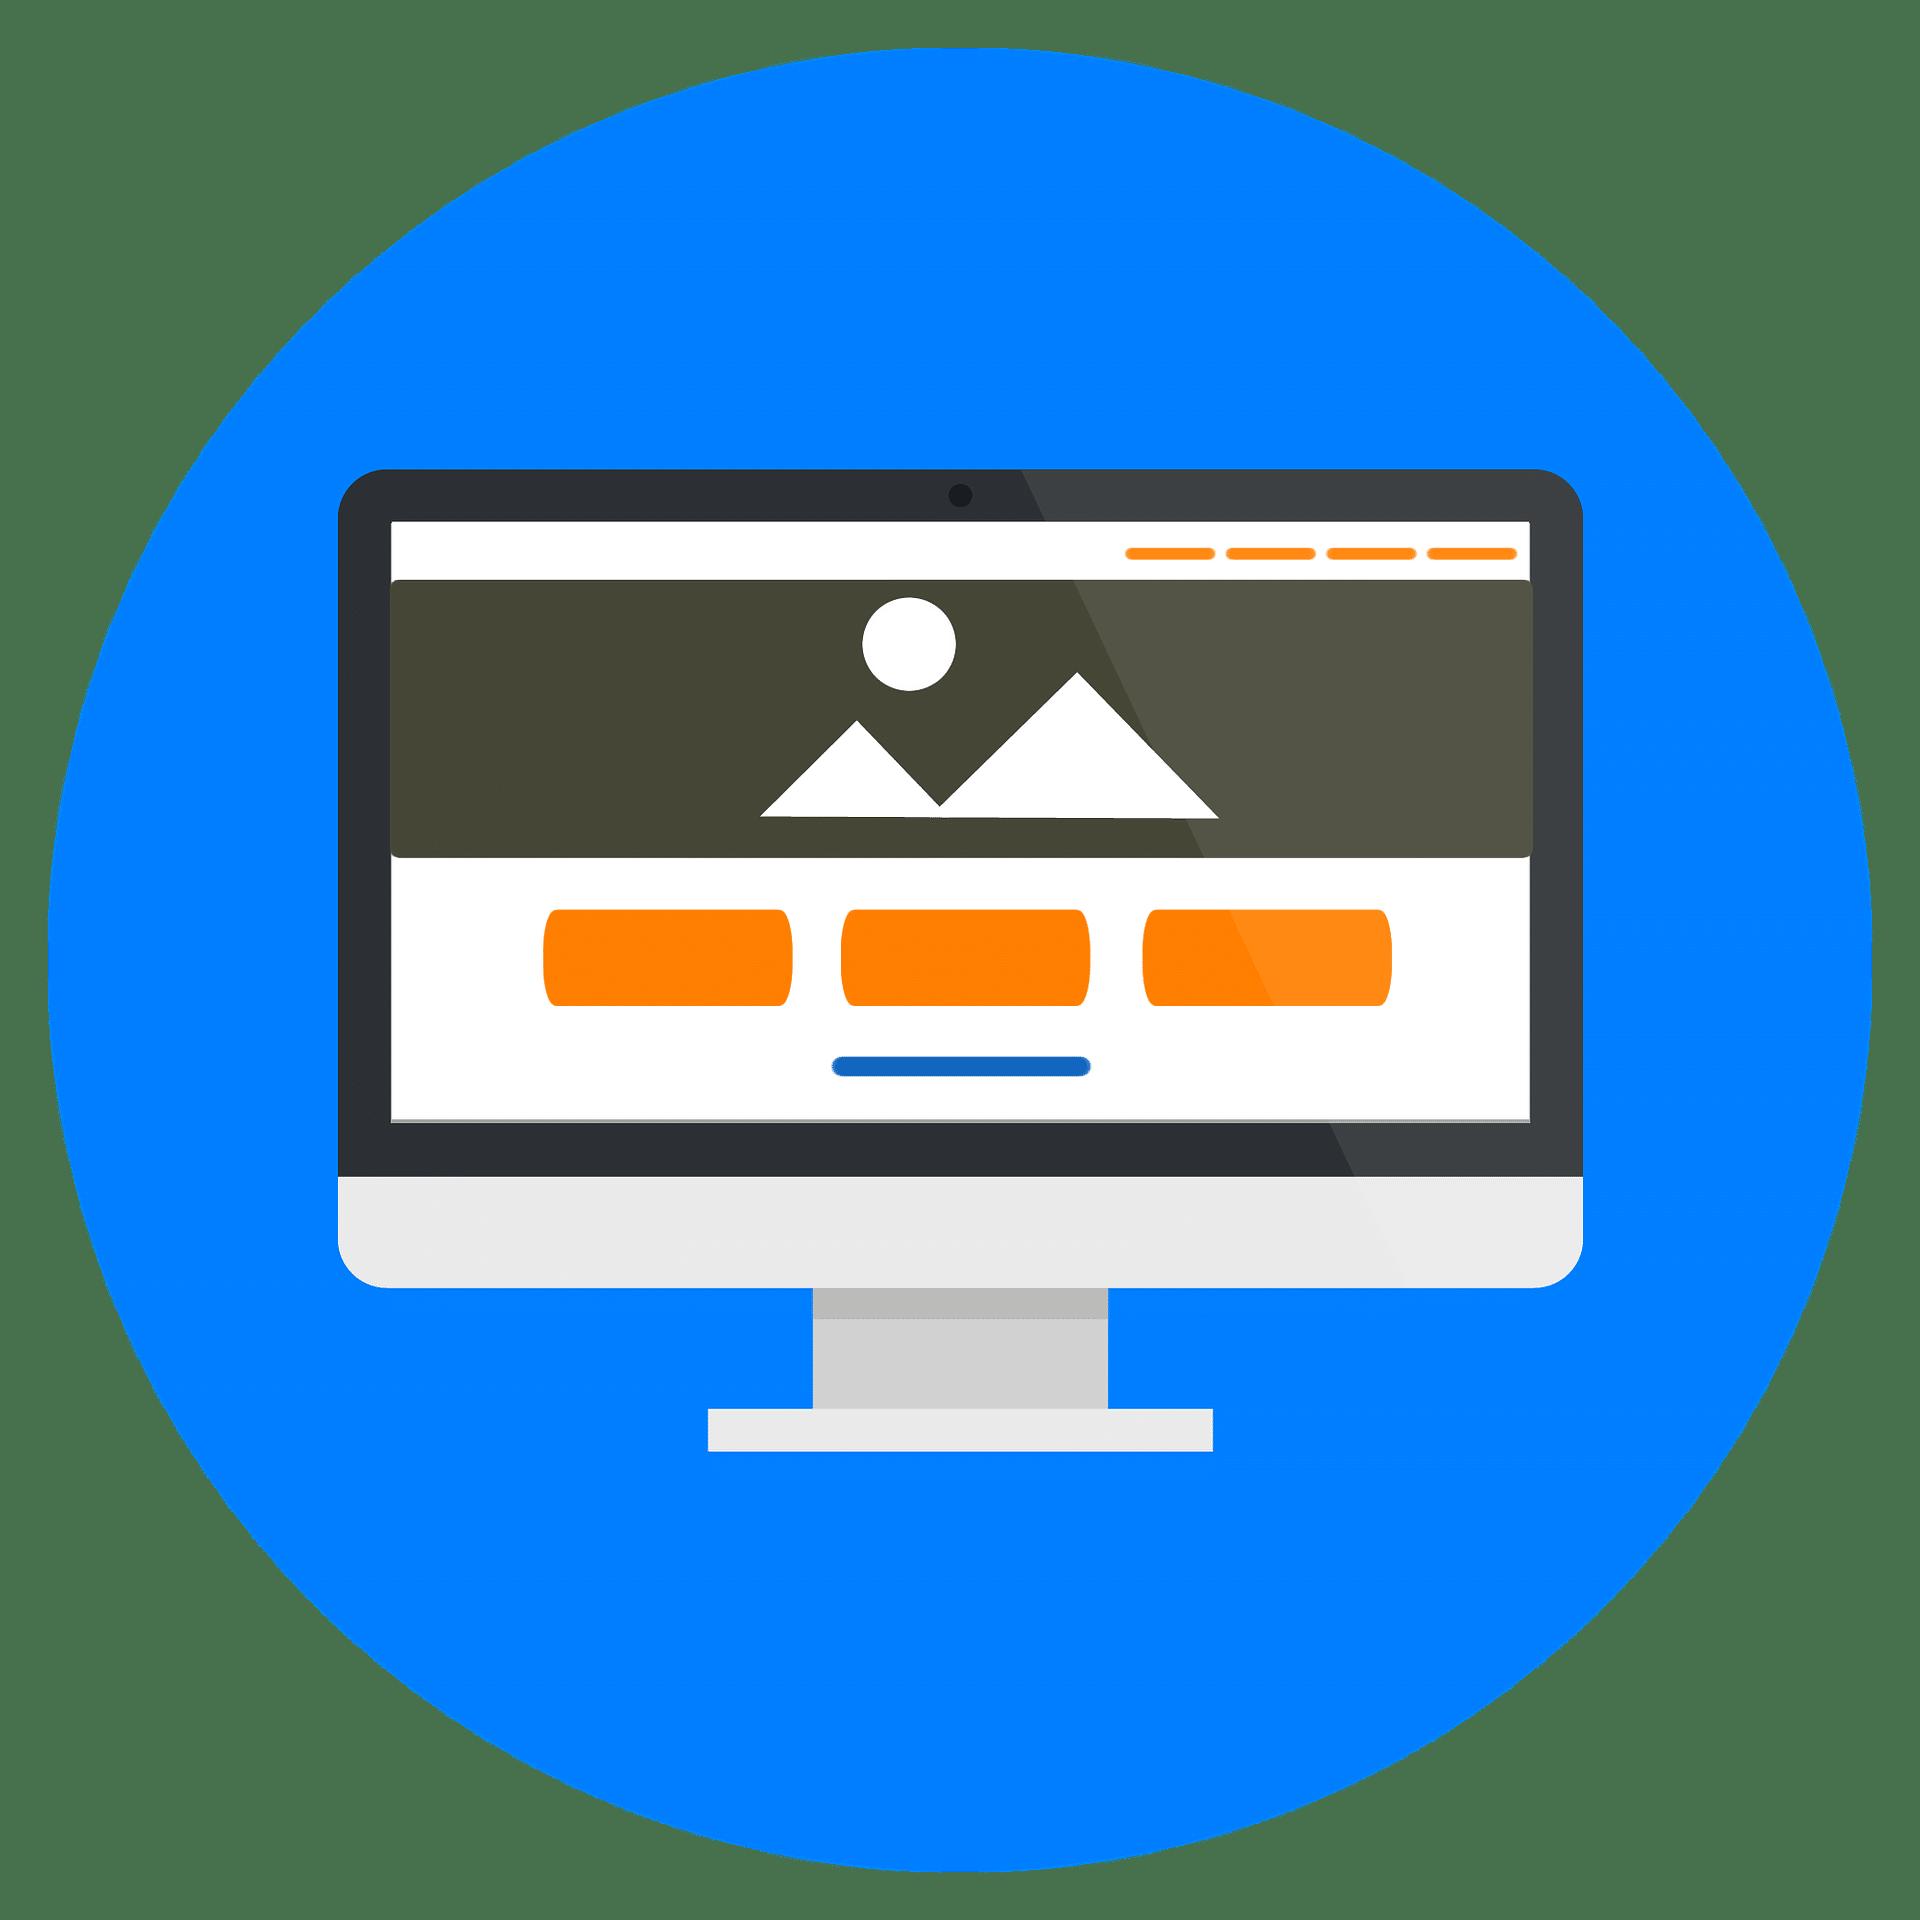 Acculturation à l'environnement web